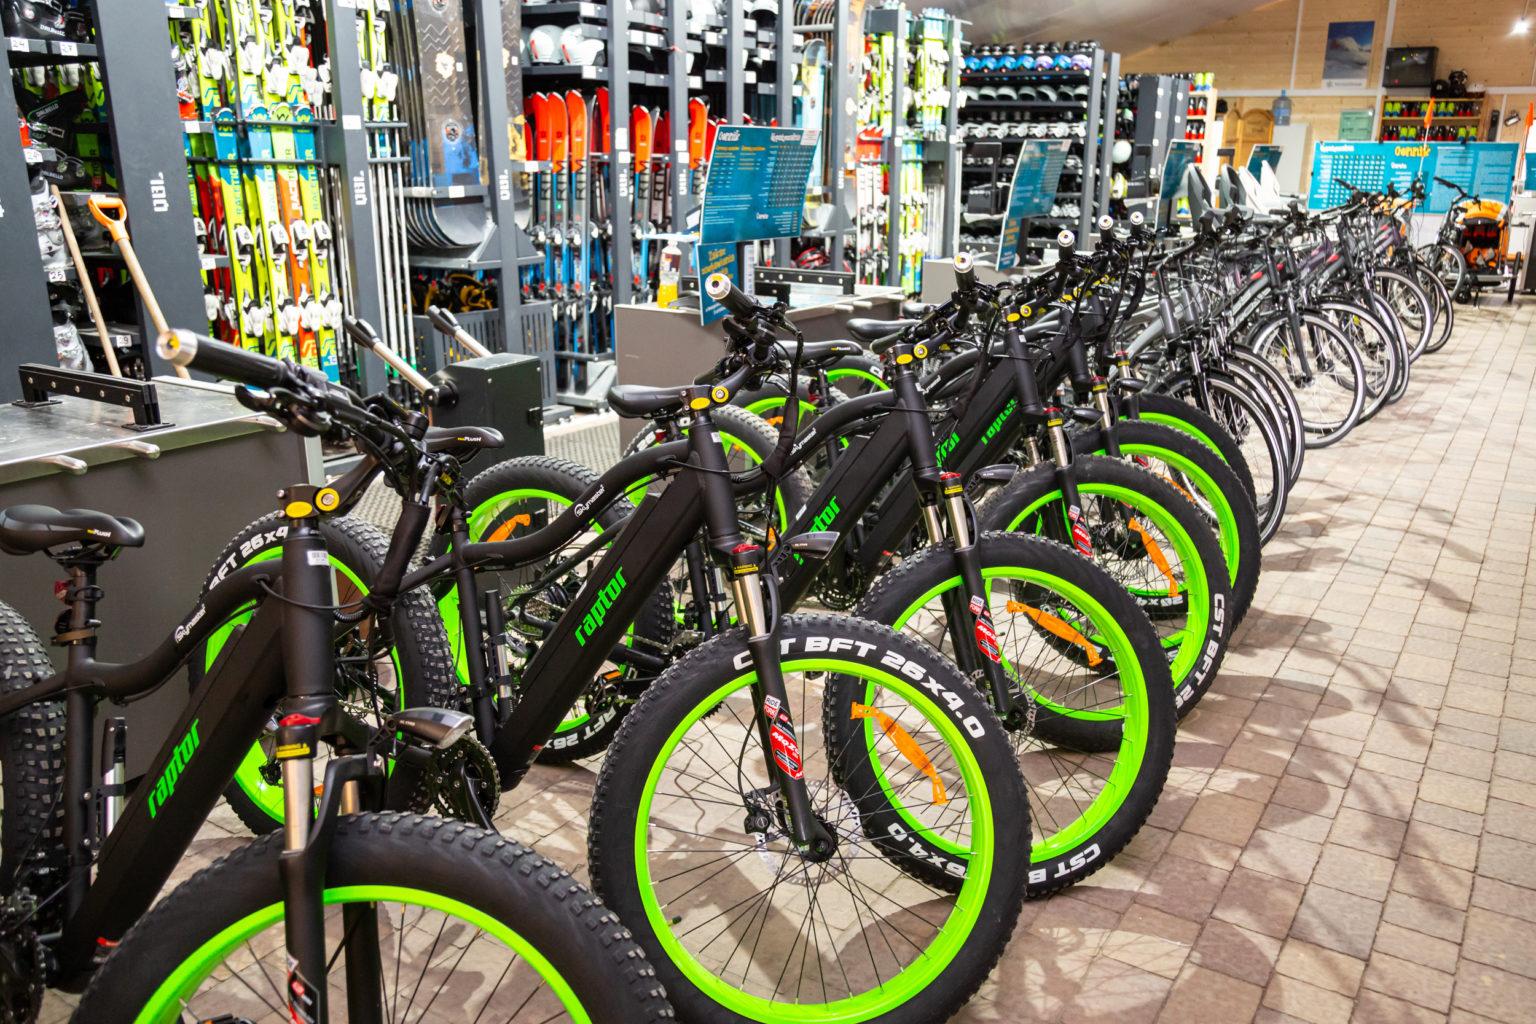 Zamiast nart będą rowery. Już otwierają wypożyczalnię w Bałtowie